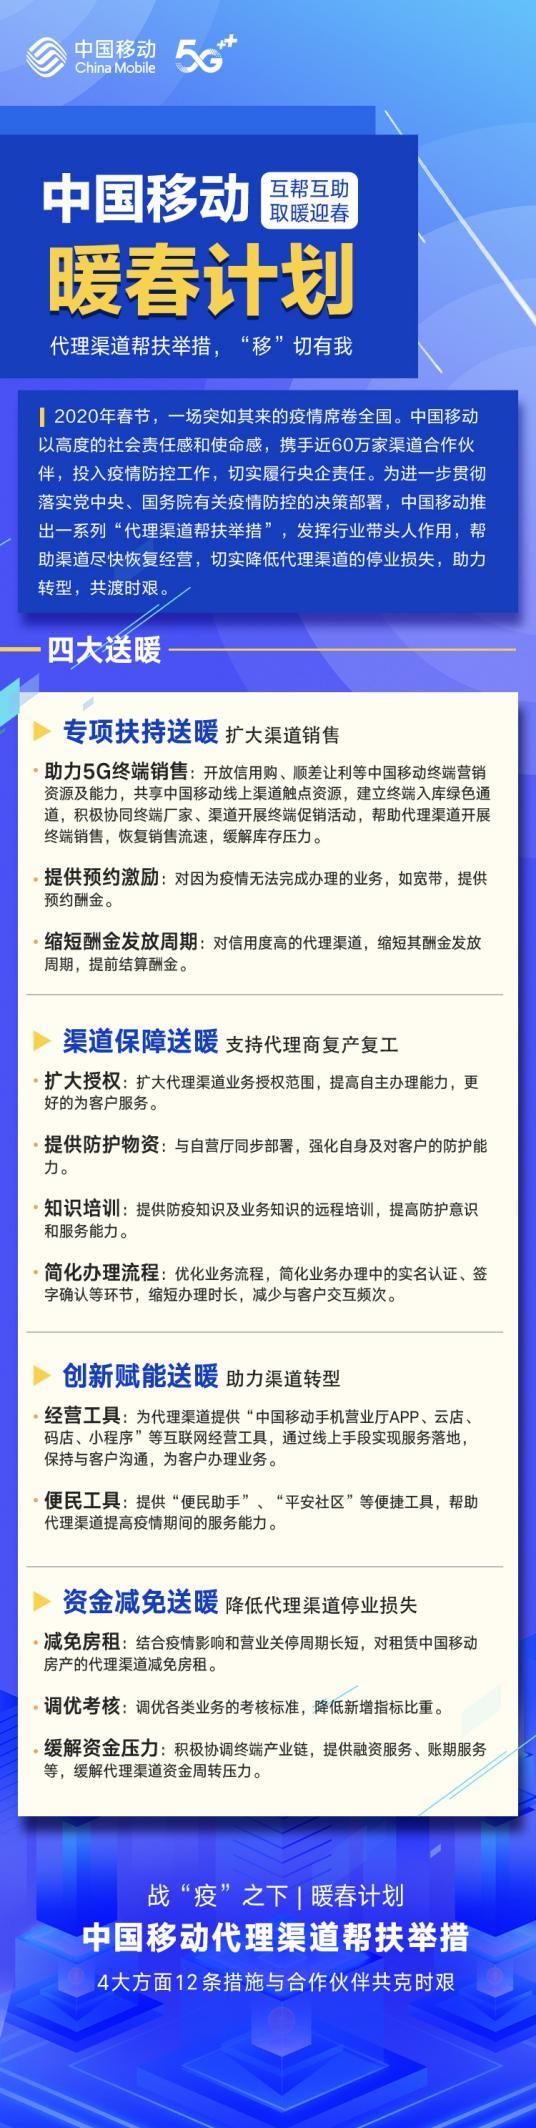 """中国移动发布""""暖春计划""""推出12条帮扶措施助力合作伙伴战疫!"""